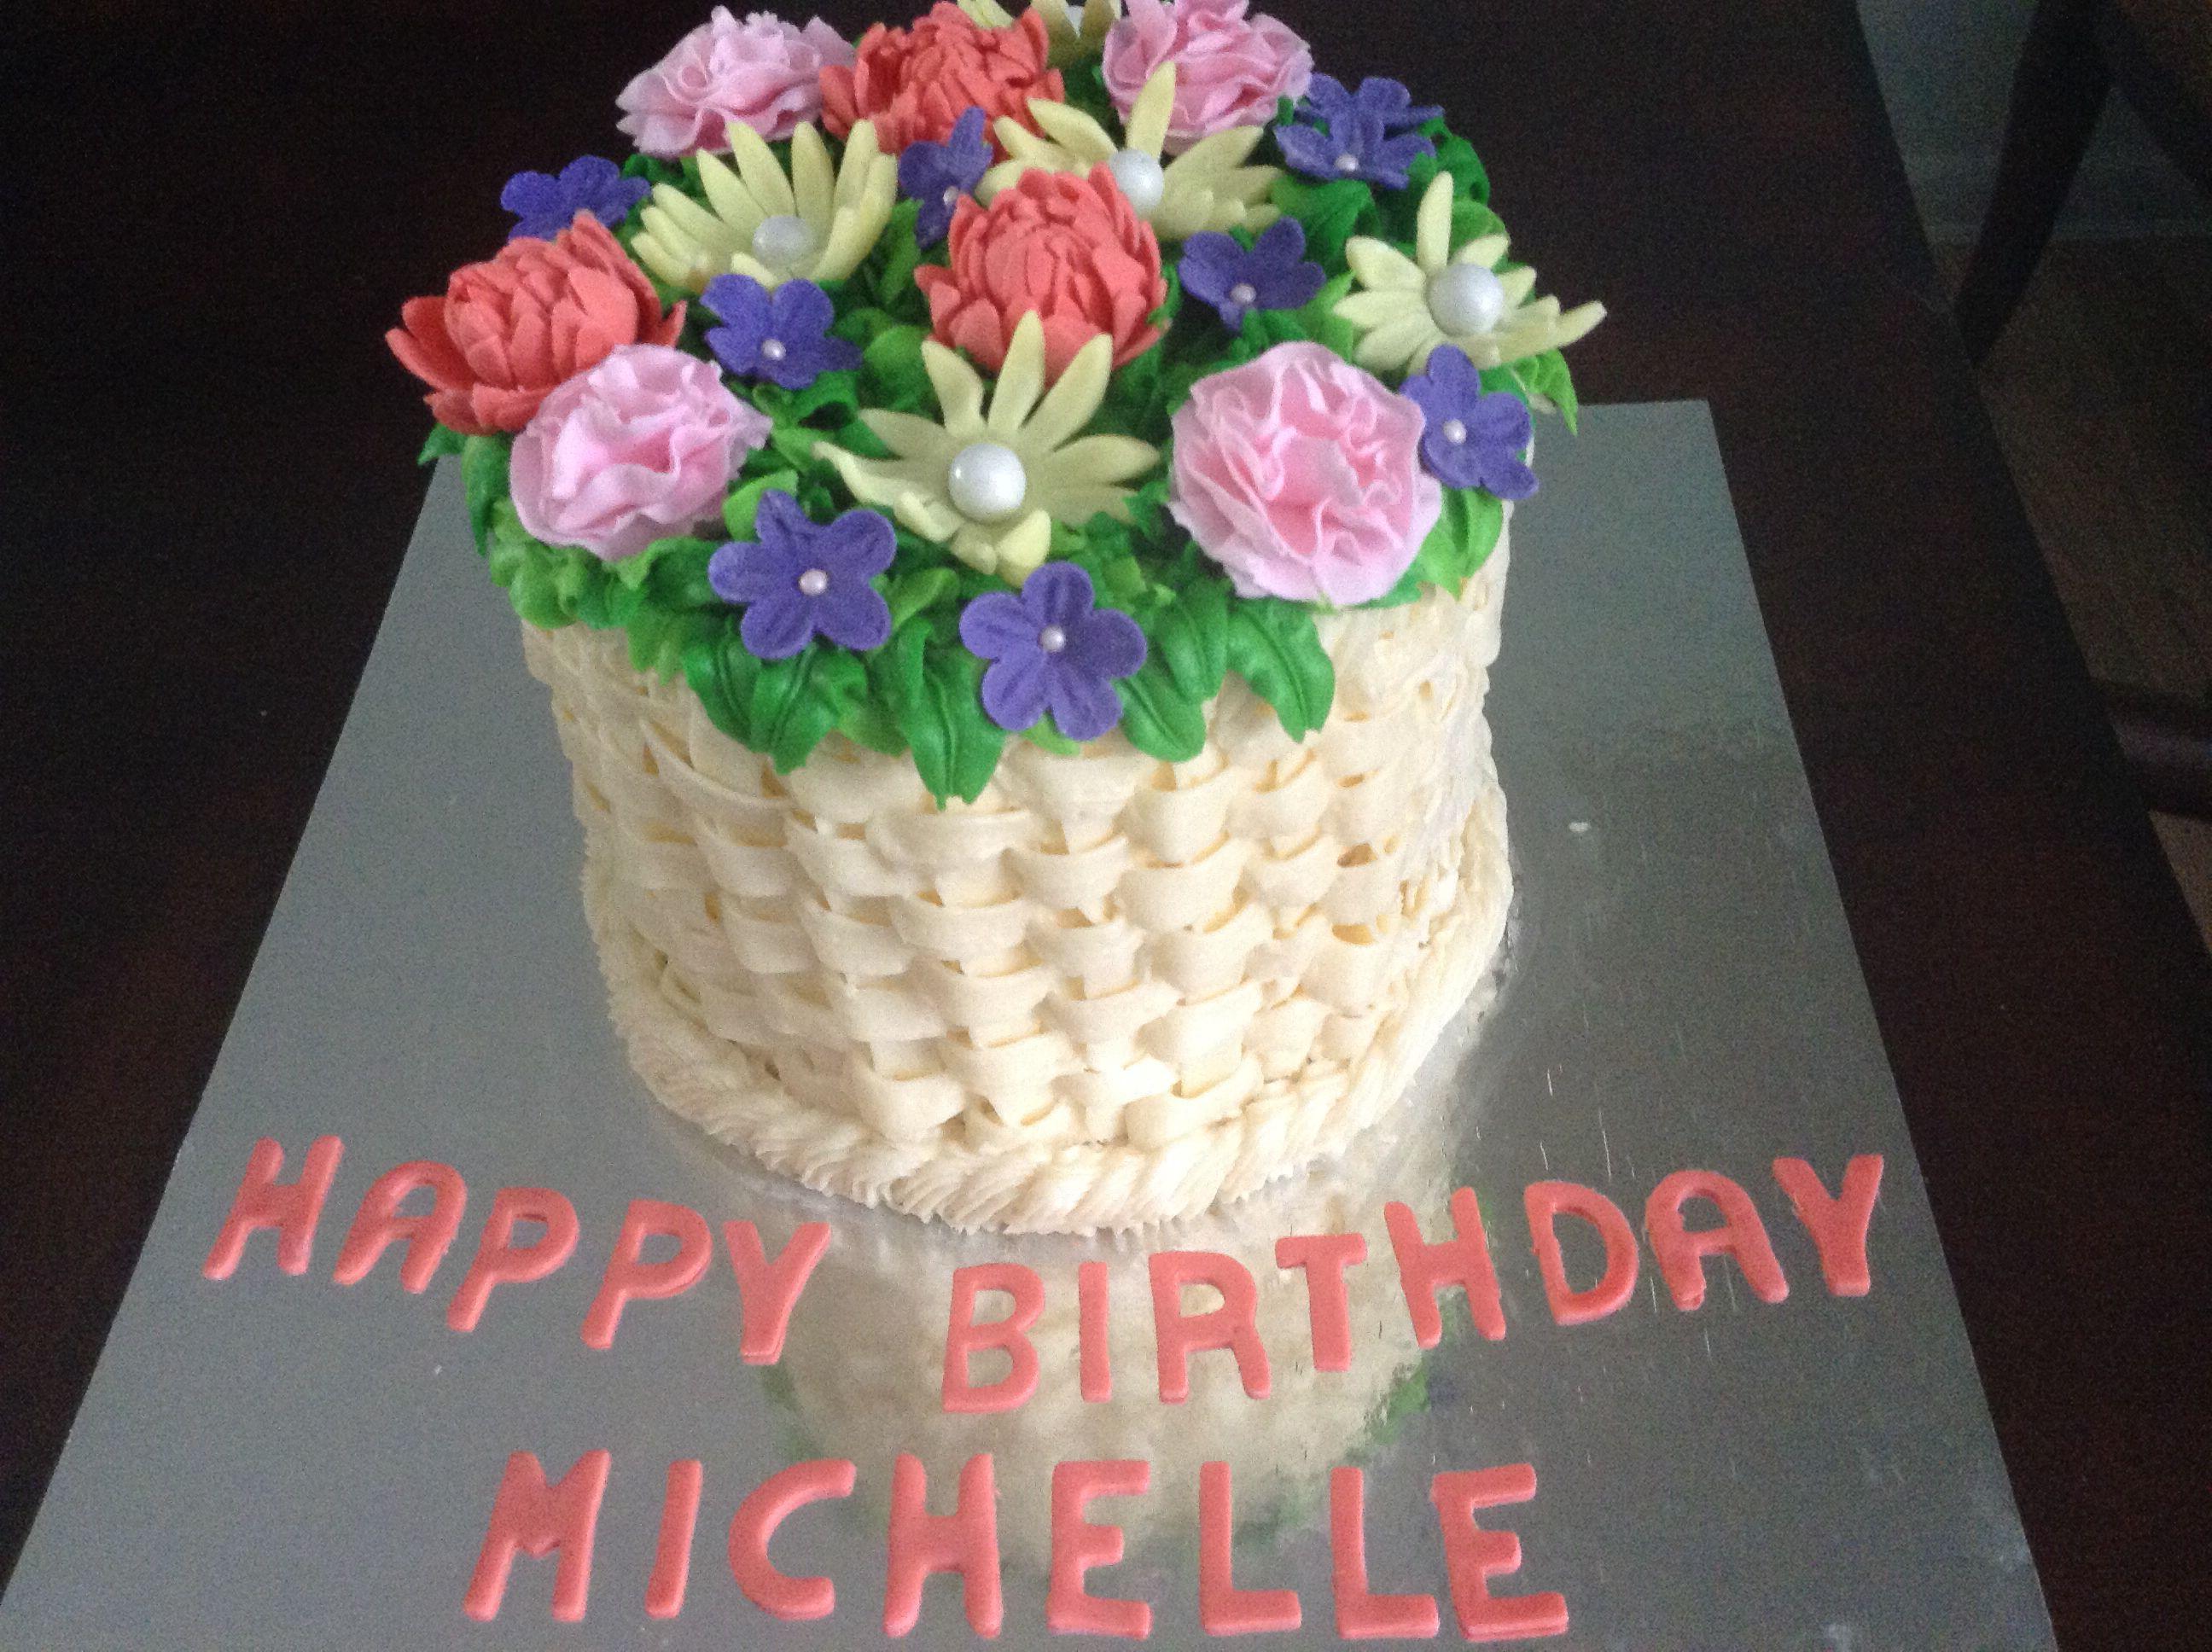 Happy Birthday Michelle, Happy